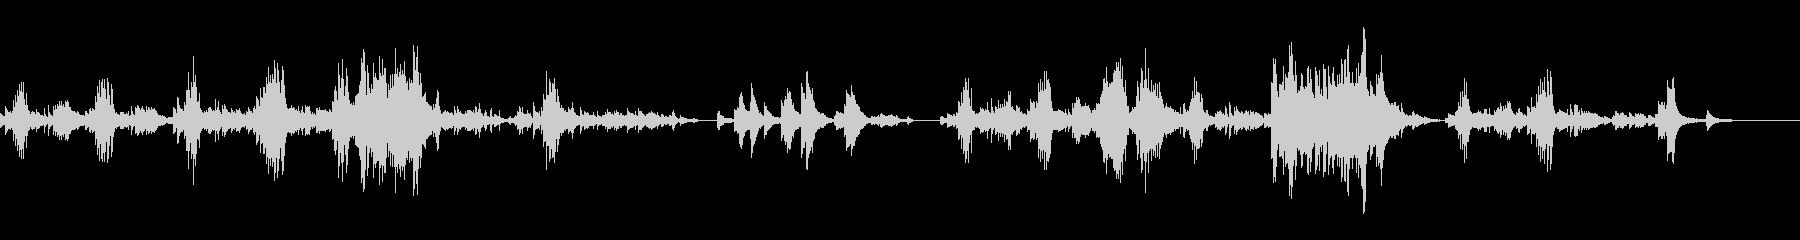 インパクトの強い癒し系ピアノ感動的の未再生の波形